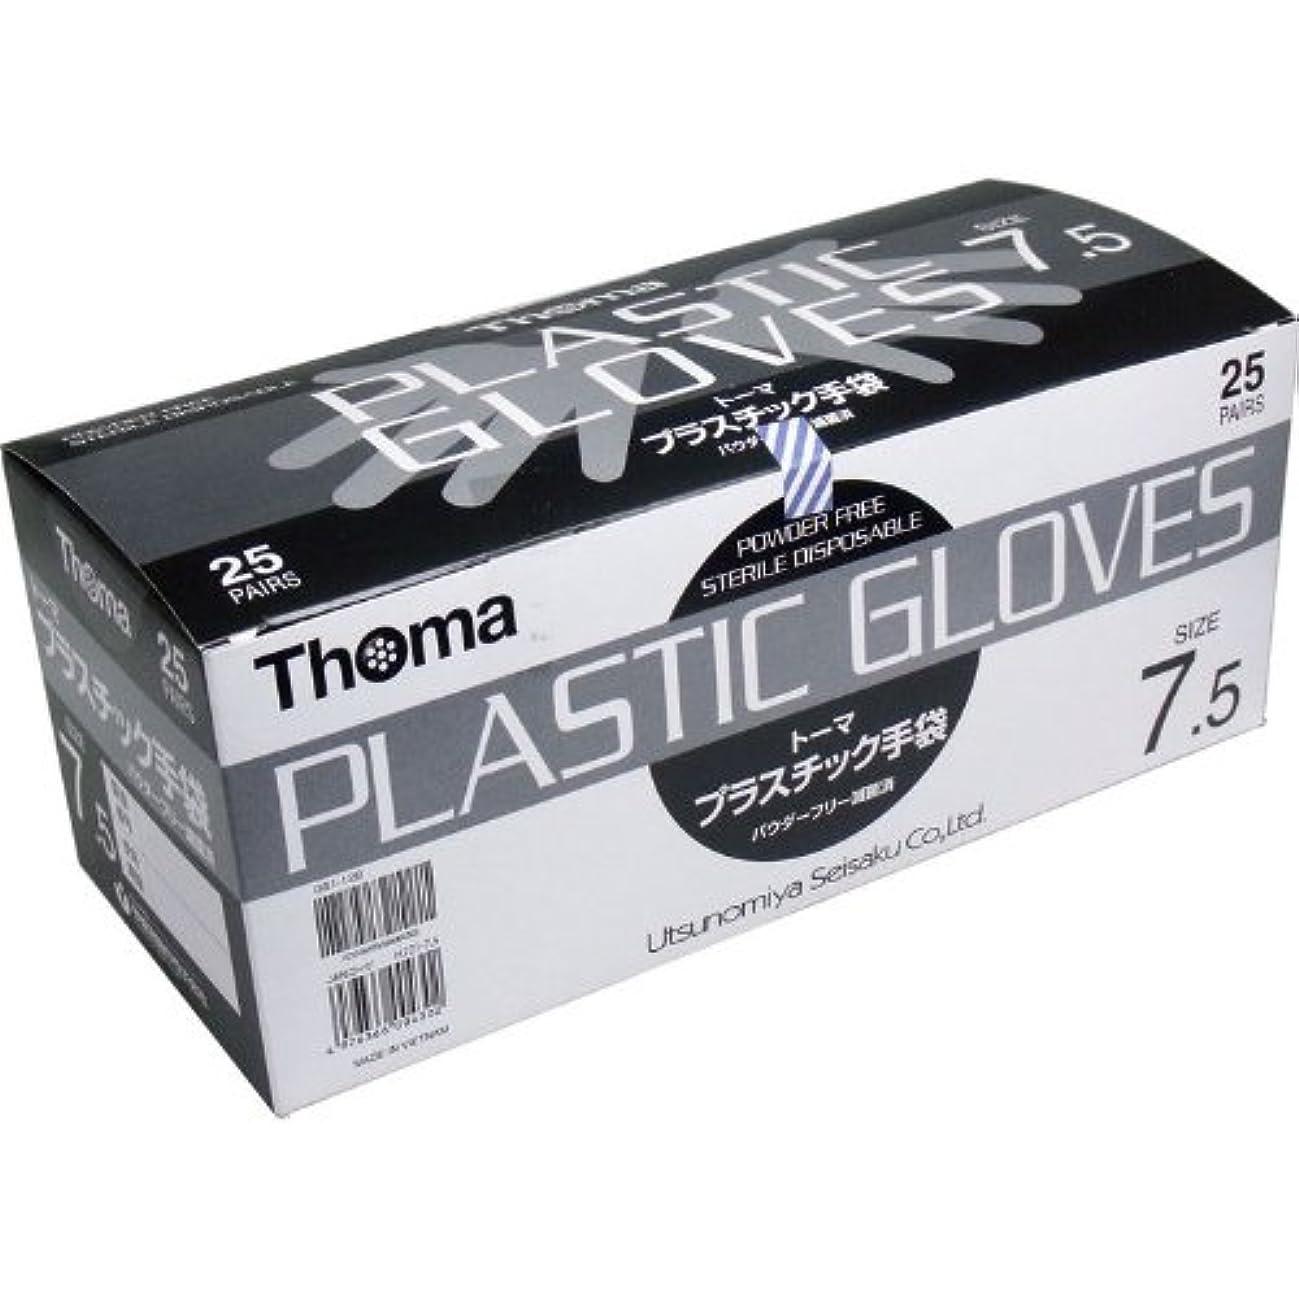 マットレス防ぐ挨拶パウダーフリー手袋 1双毎に滅菌包装、衛生的 便利 トーマ プラスチック手袋 パウダーフリー滅菌済 25双入 サイズ7.5【5個セット】